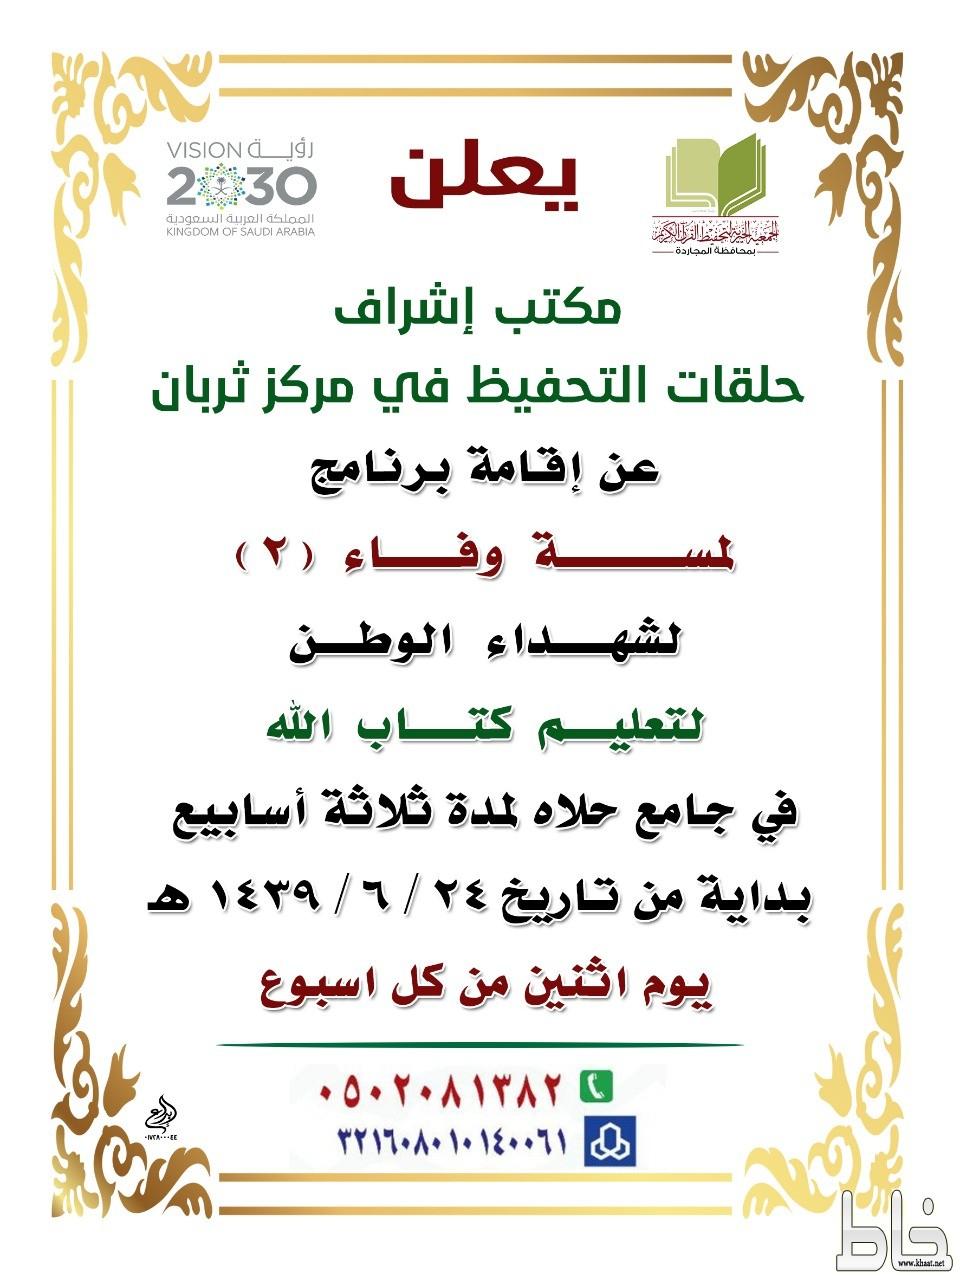 تحفيظ ثربان يعلن انطلاق برنامج لمسة وفاء الثاني لشهداء الوطن